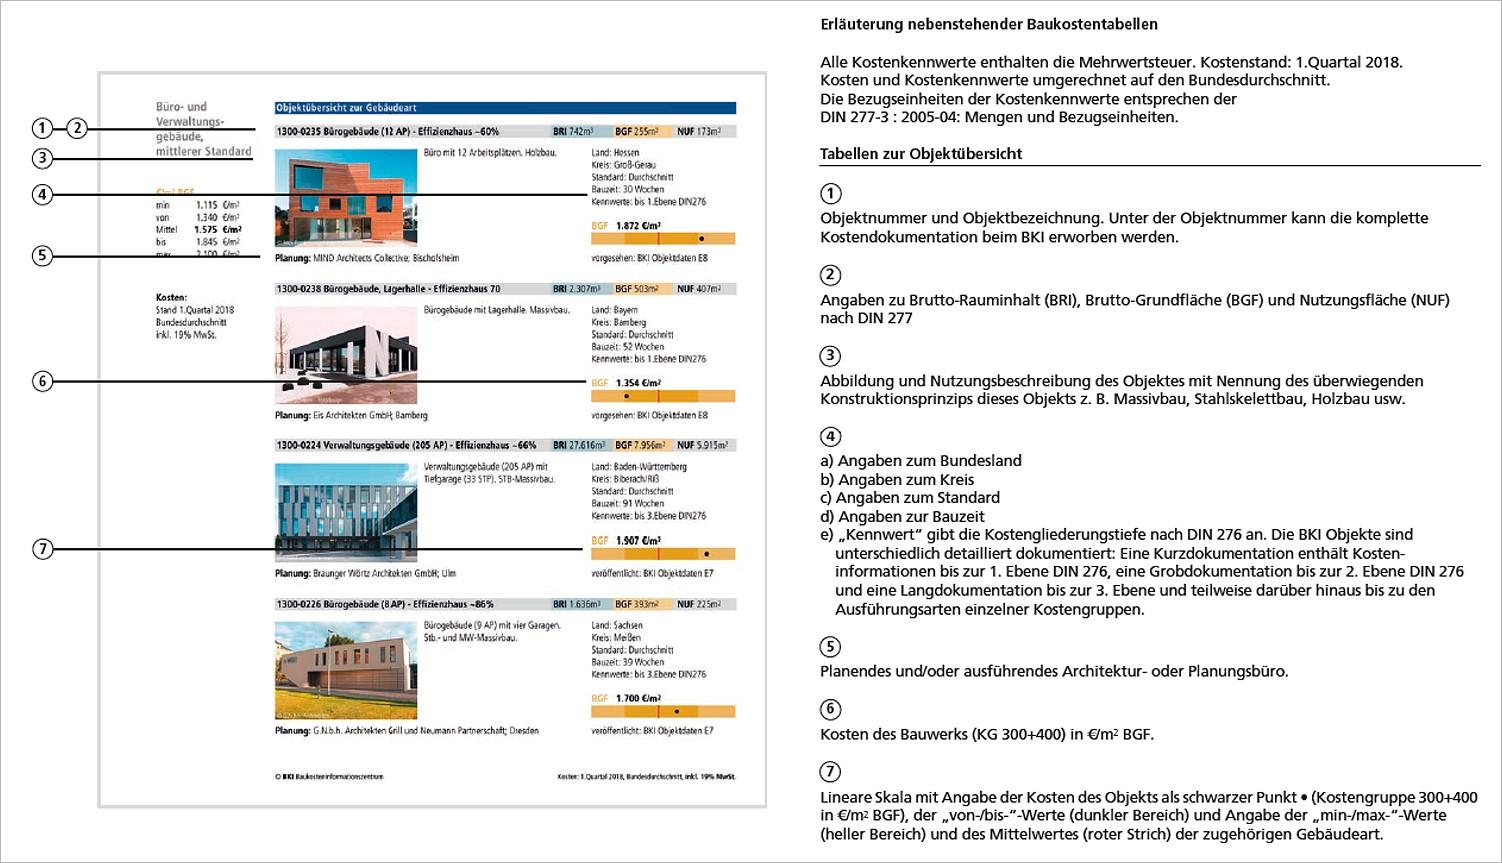 Fabelhaft BKI Baukosten Neubau 2018. 3 Bände - Gesamtpaket. | medienservice @AJ_53